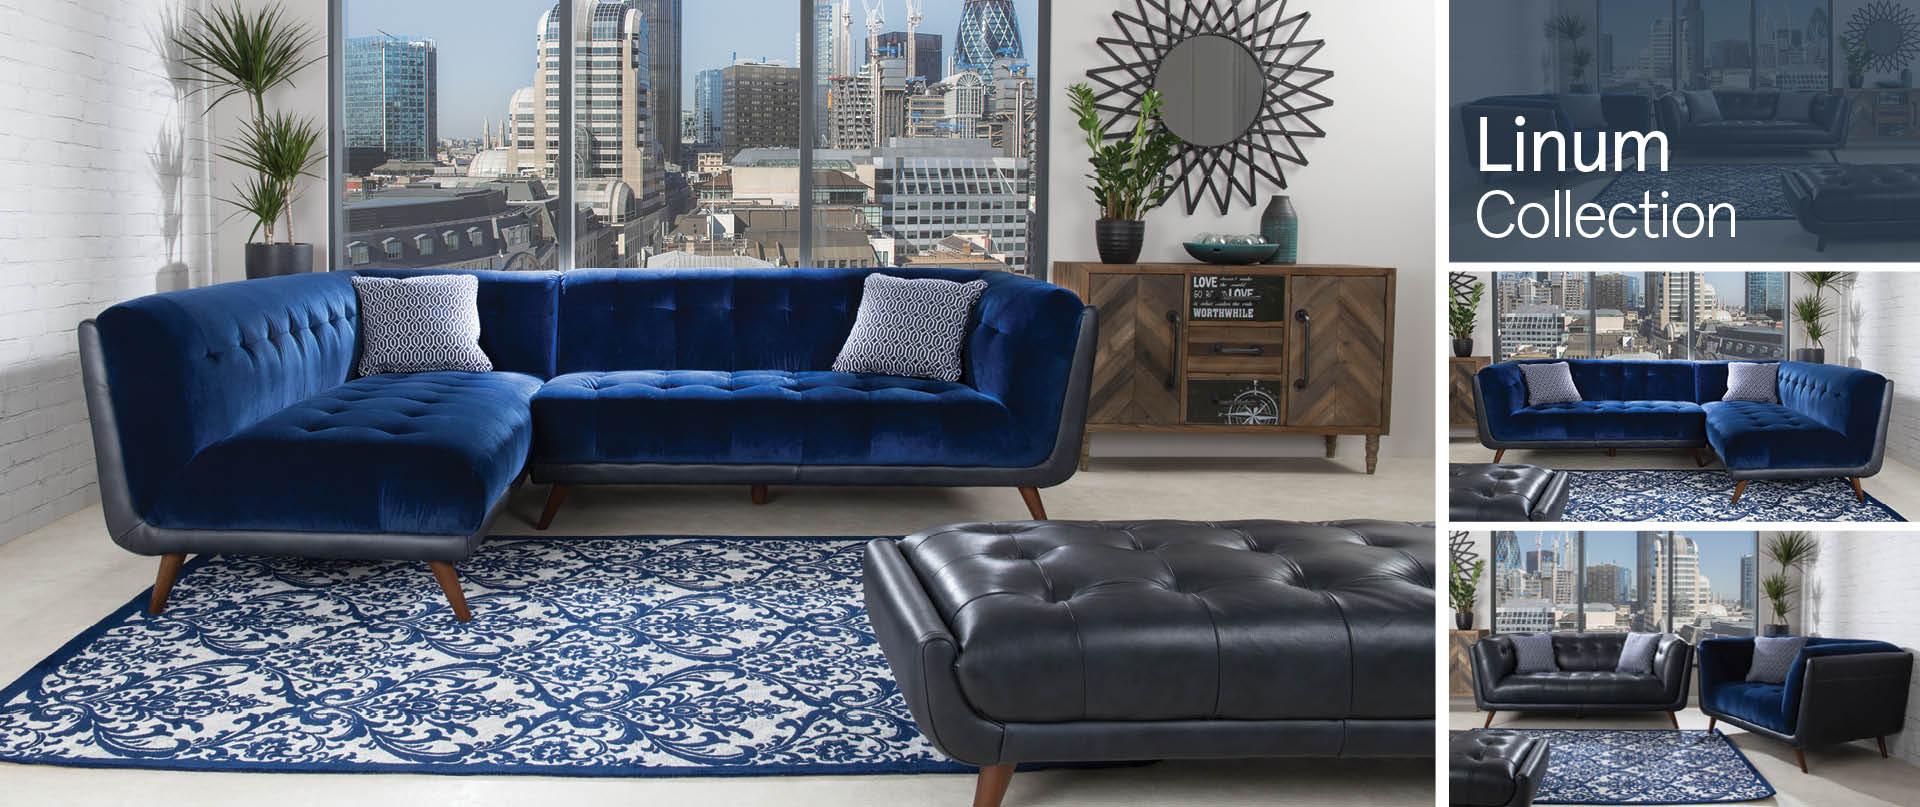 Linum Leather Sofa Ranges